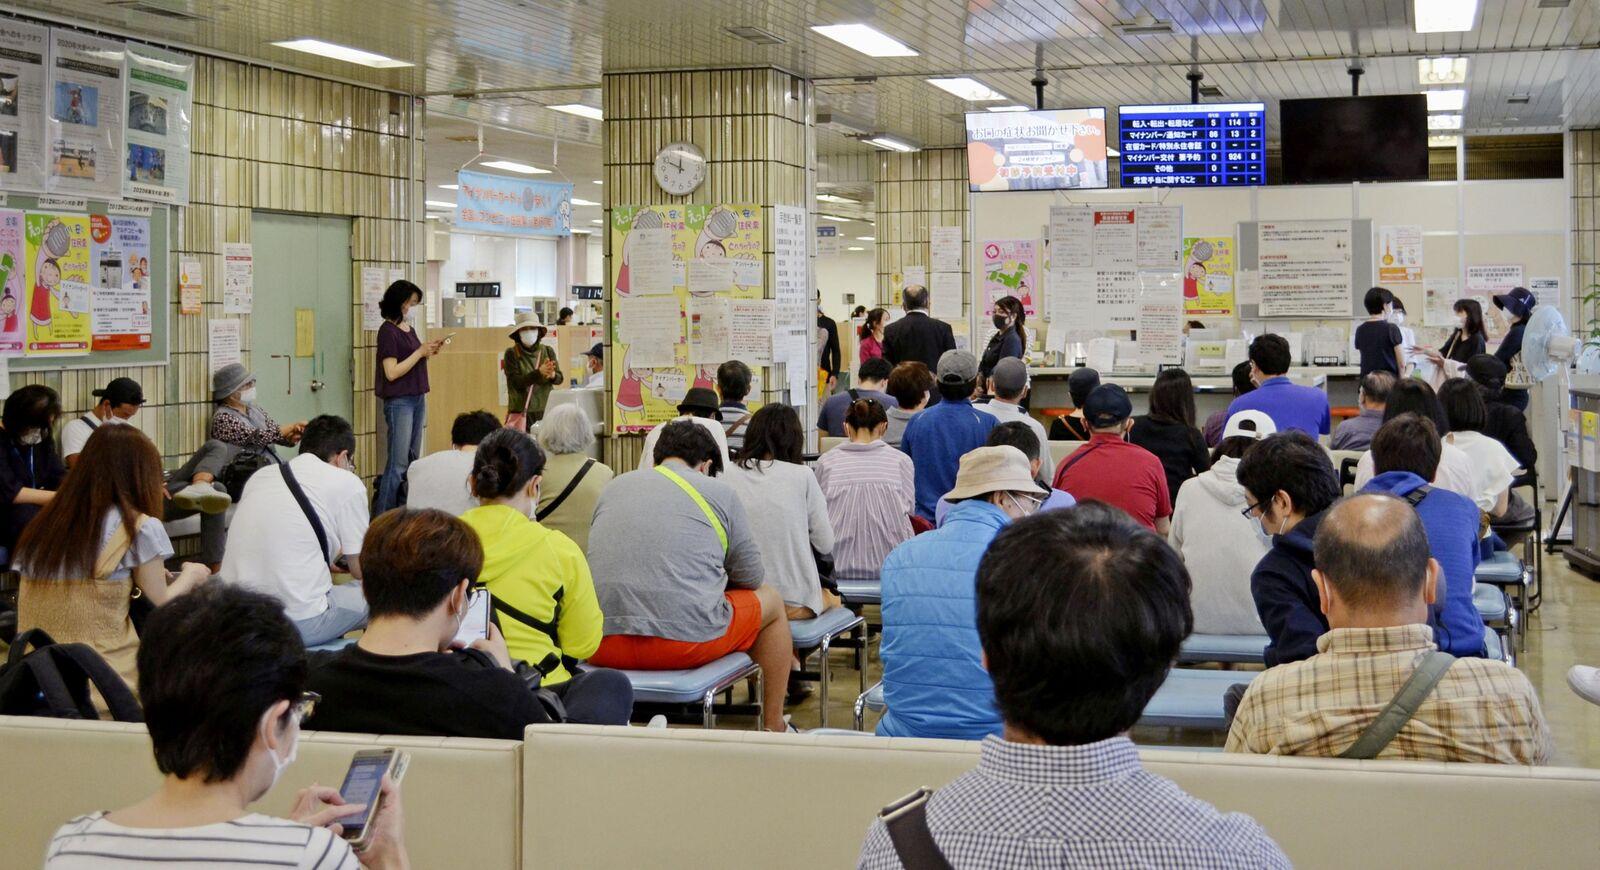 紙中心の日本とIT化進む韓国、コロナ給付金で支給スピードに差